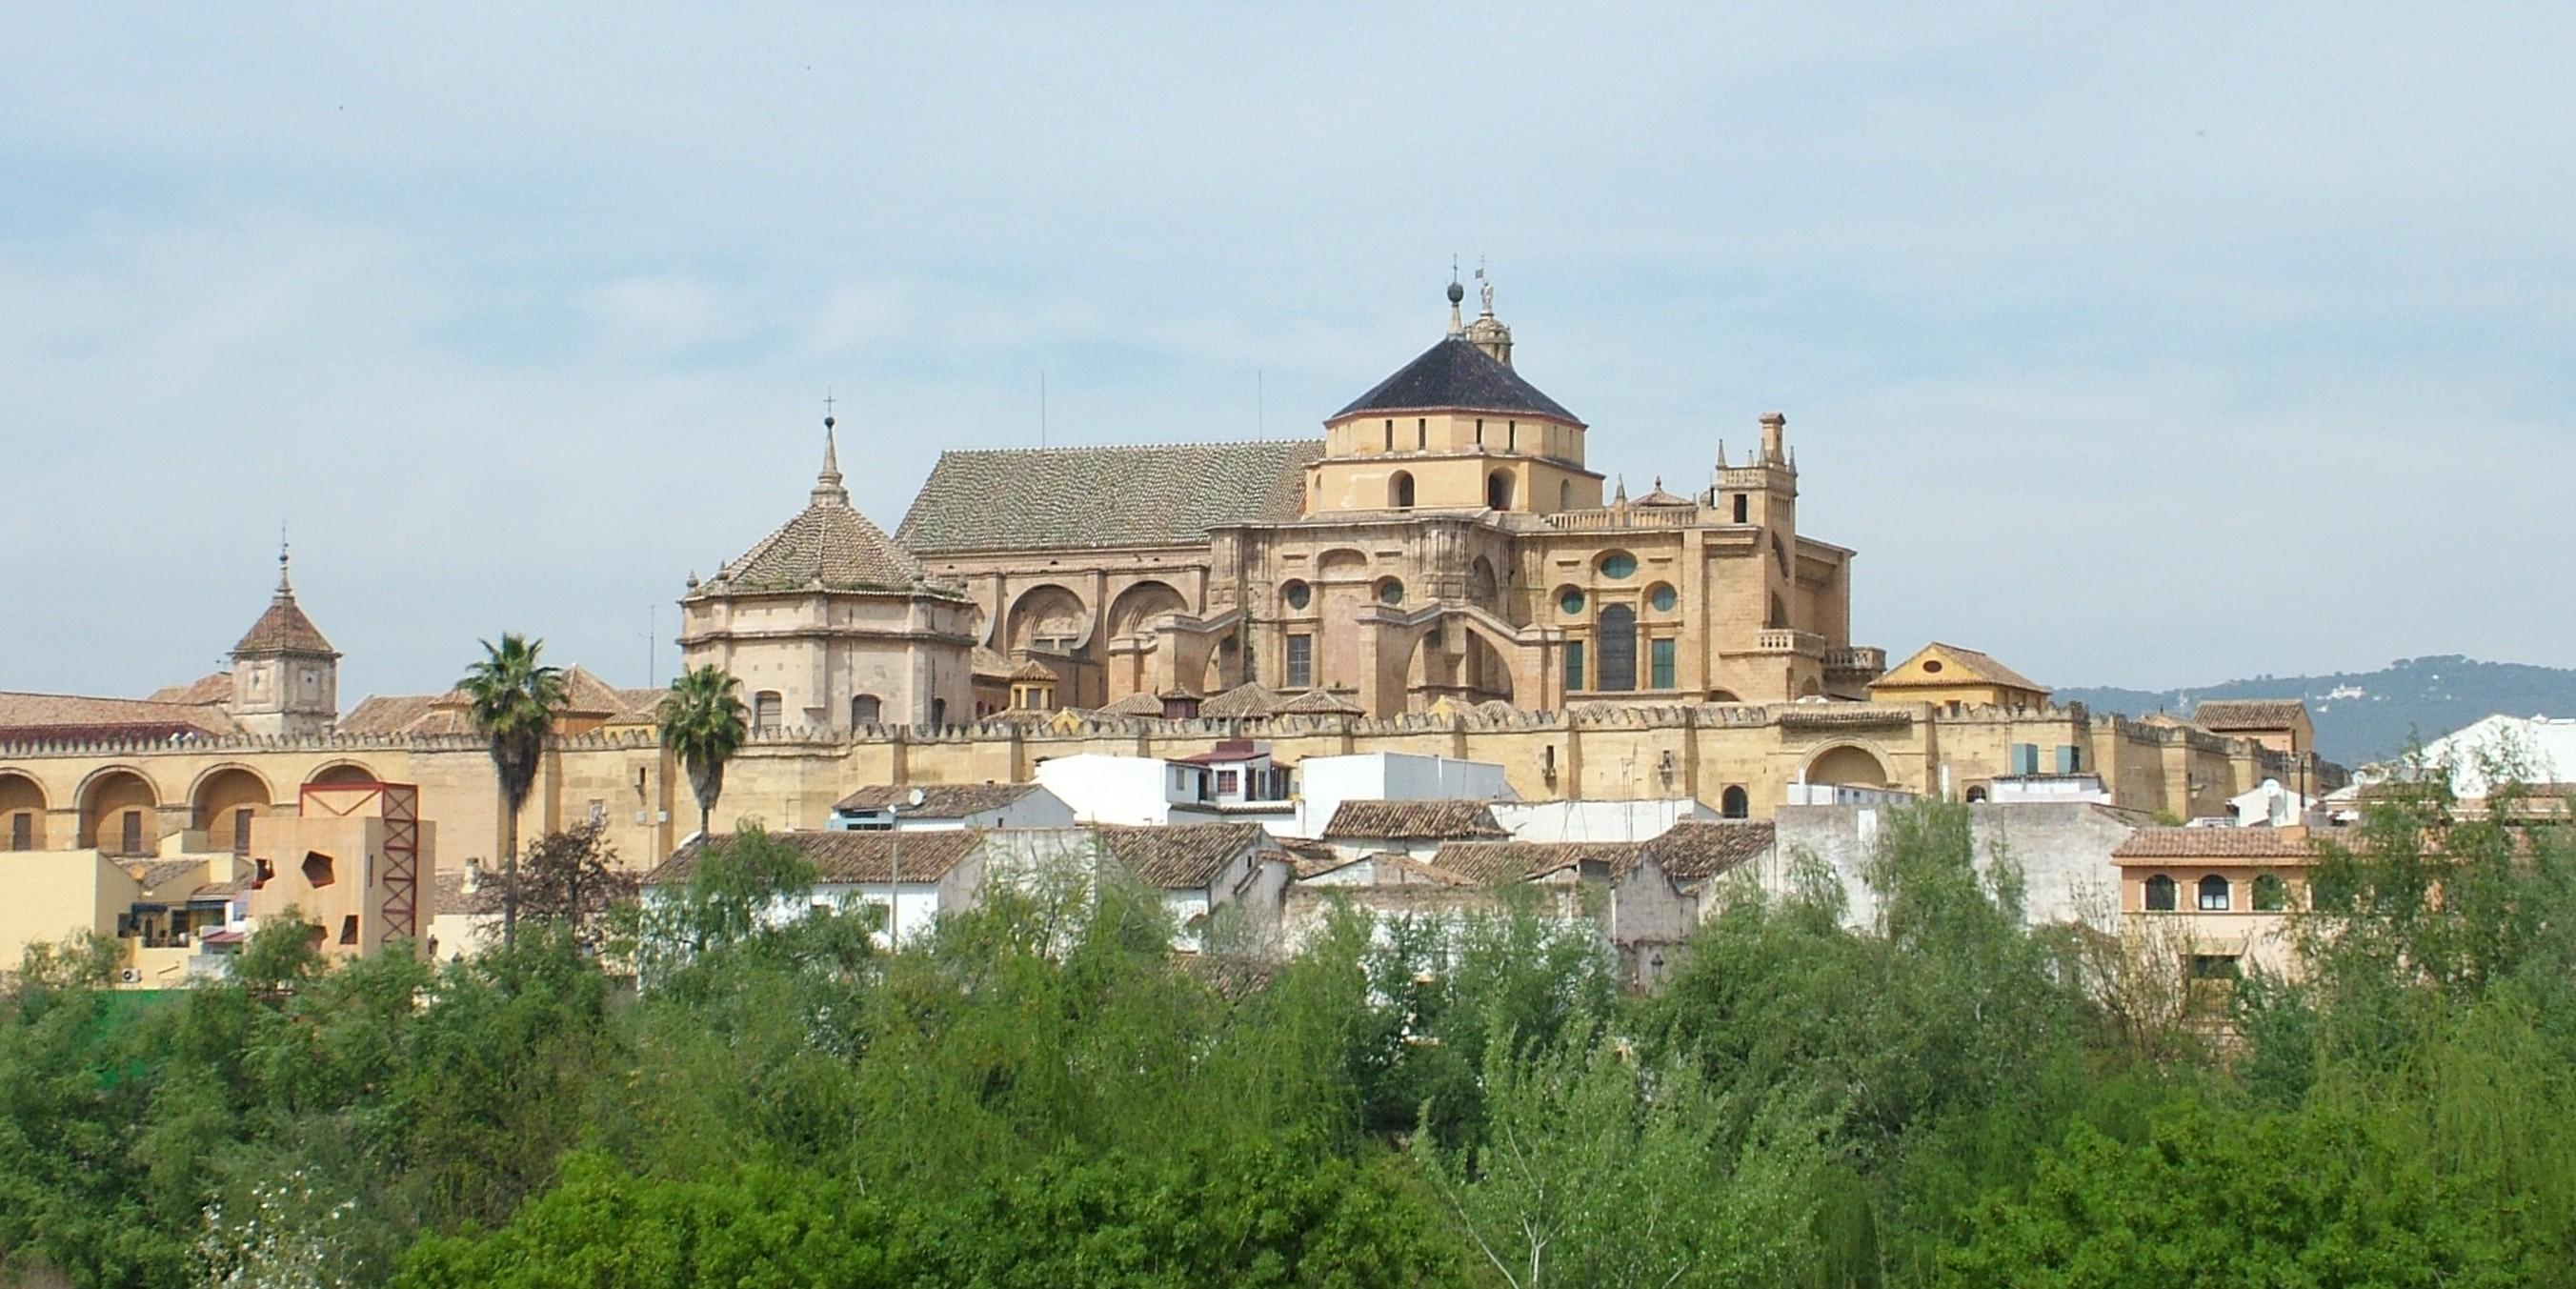 Mezquita catedral de c rdoba for Exterior mezquita de cordoba